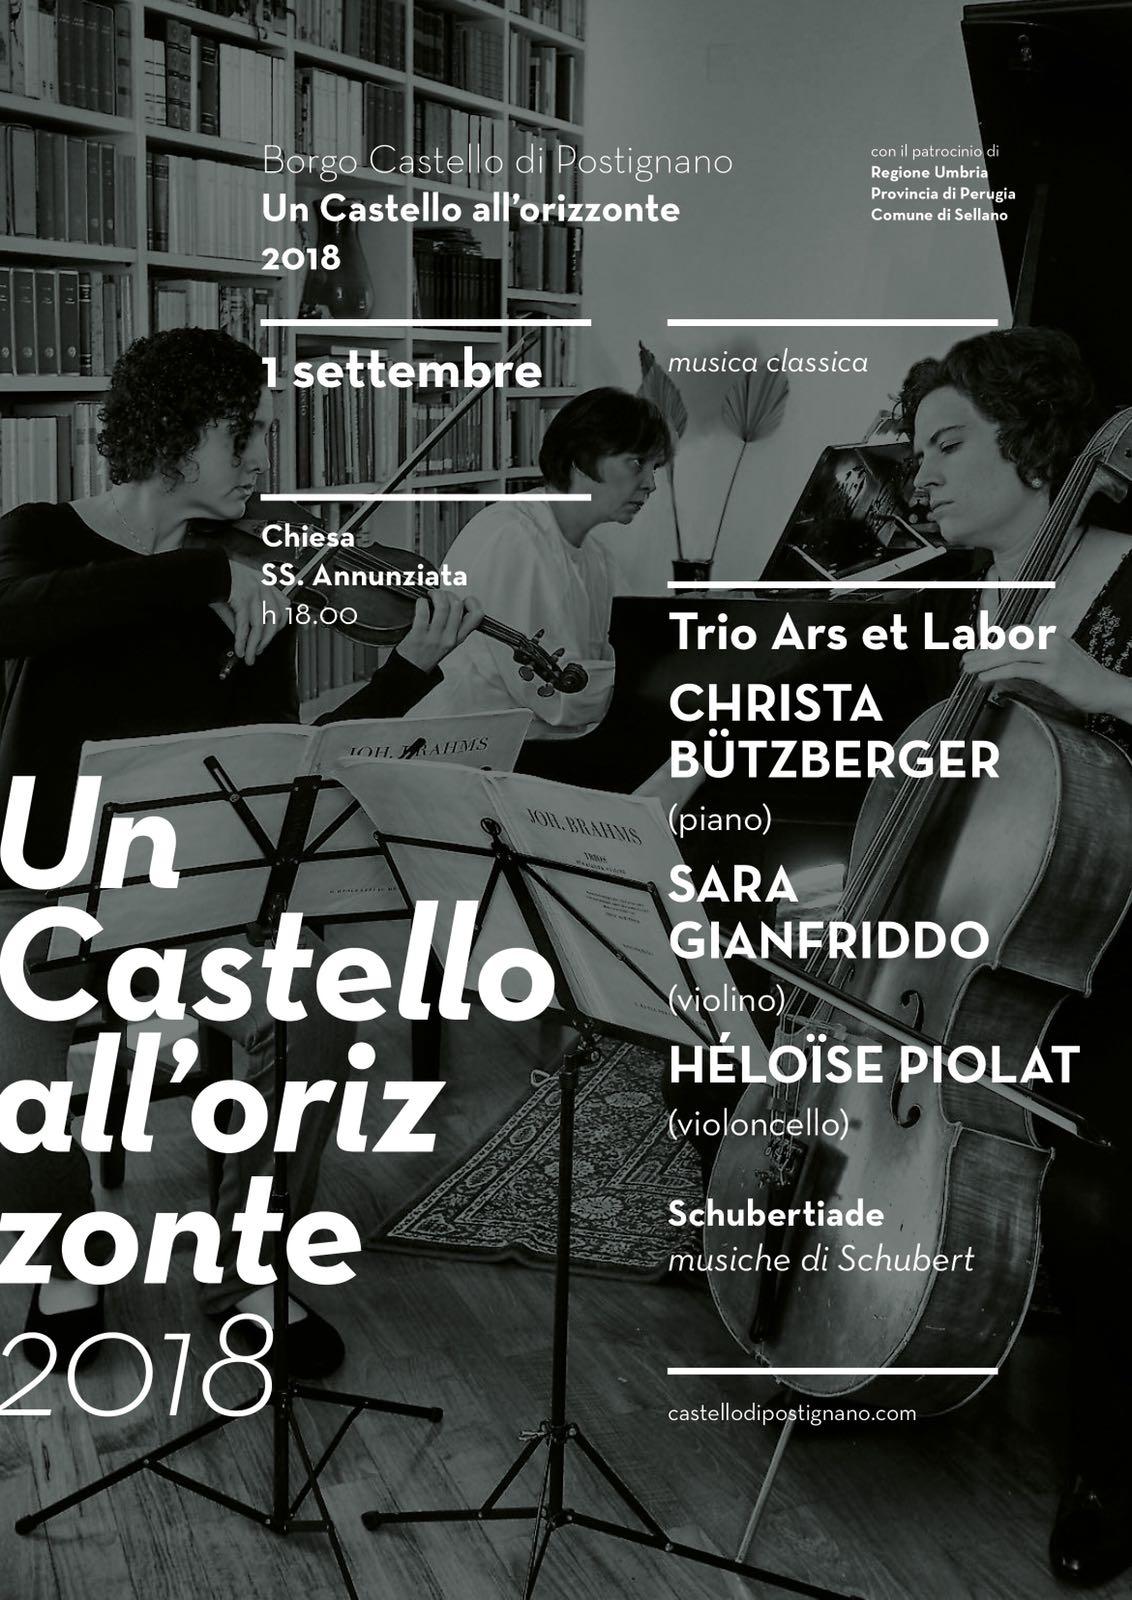 Concerto Postignano (PG)